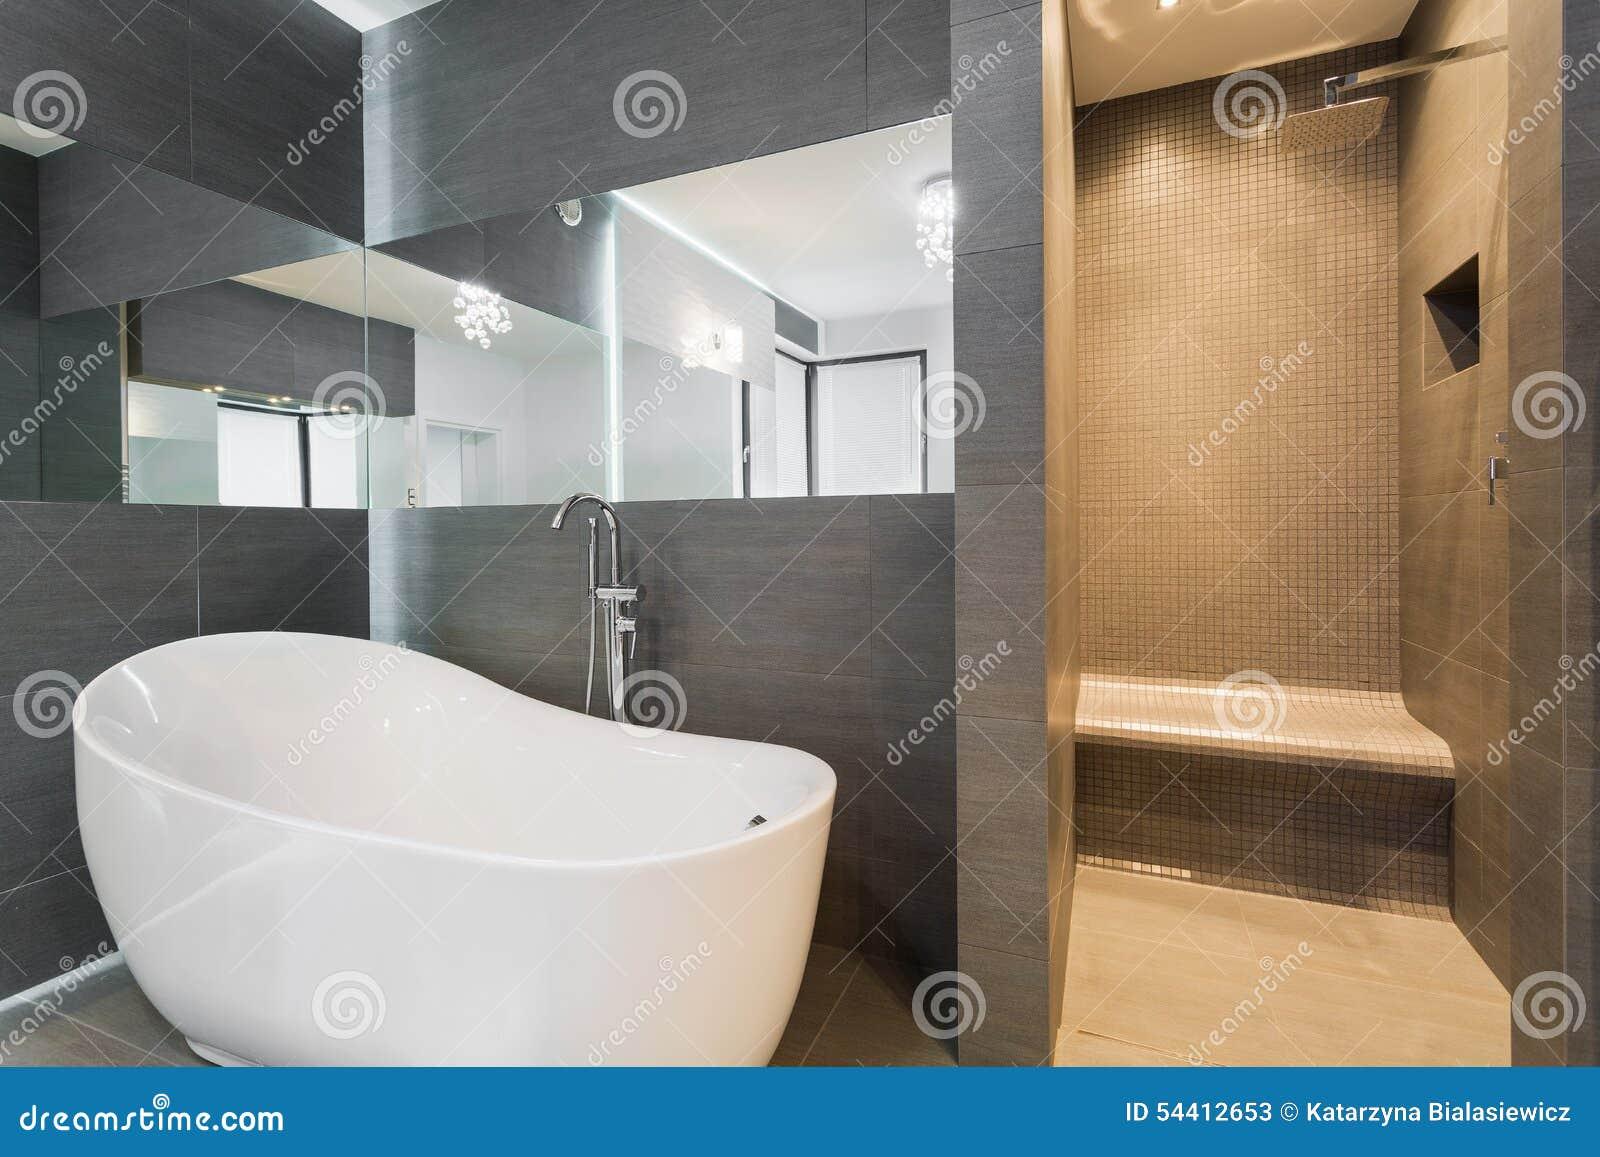 Bagno con la vasca e la doccia immagine stock immagine di nuovo lusso 54412653 - Bagno con doccia e vasca ...